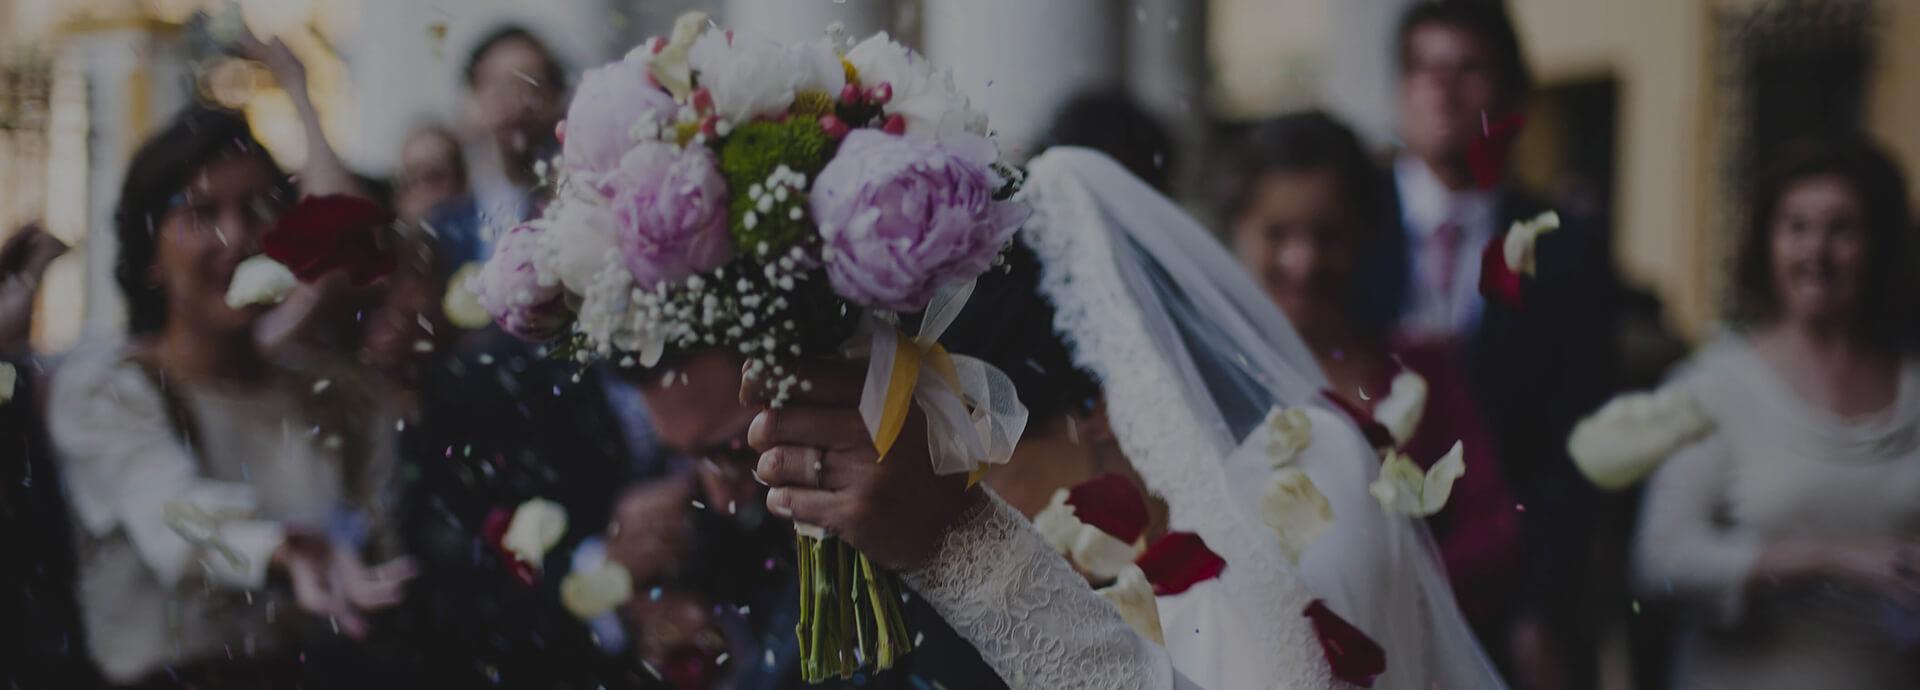 Dołącz do najlepszego katalogu firm weselnych - rozwiń swój biznes z klasą!